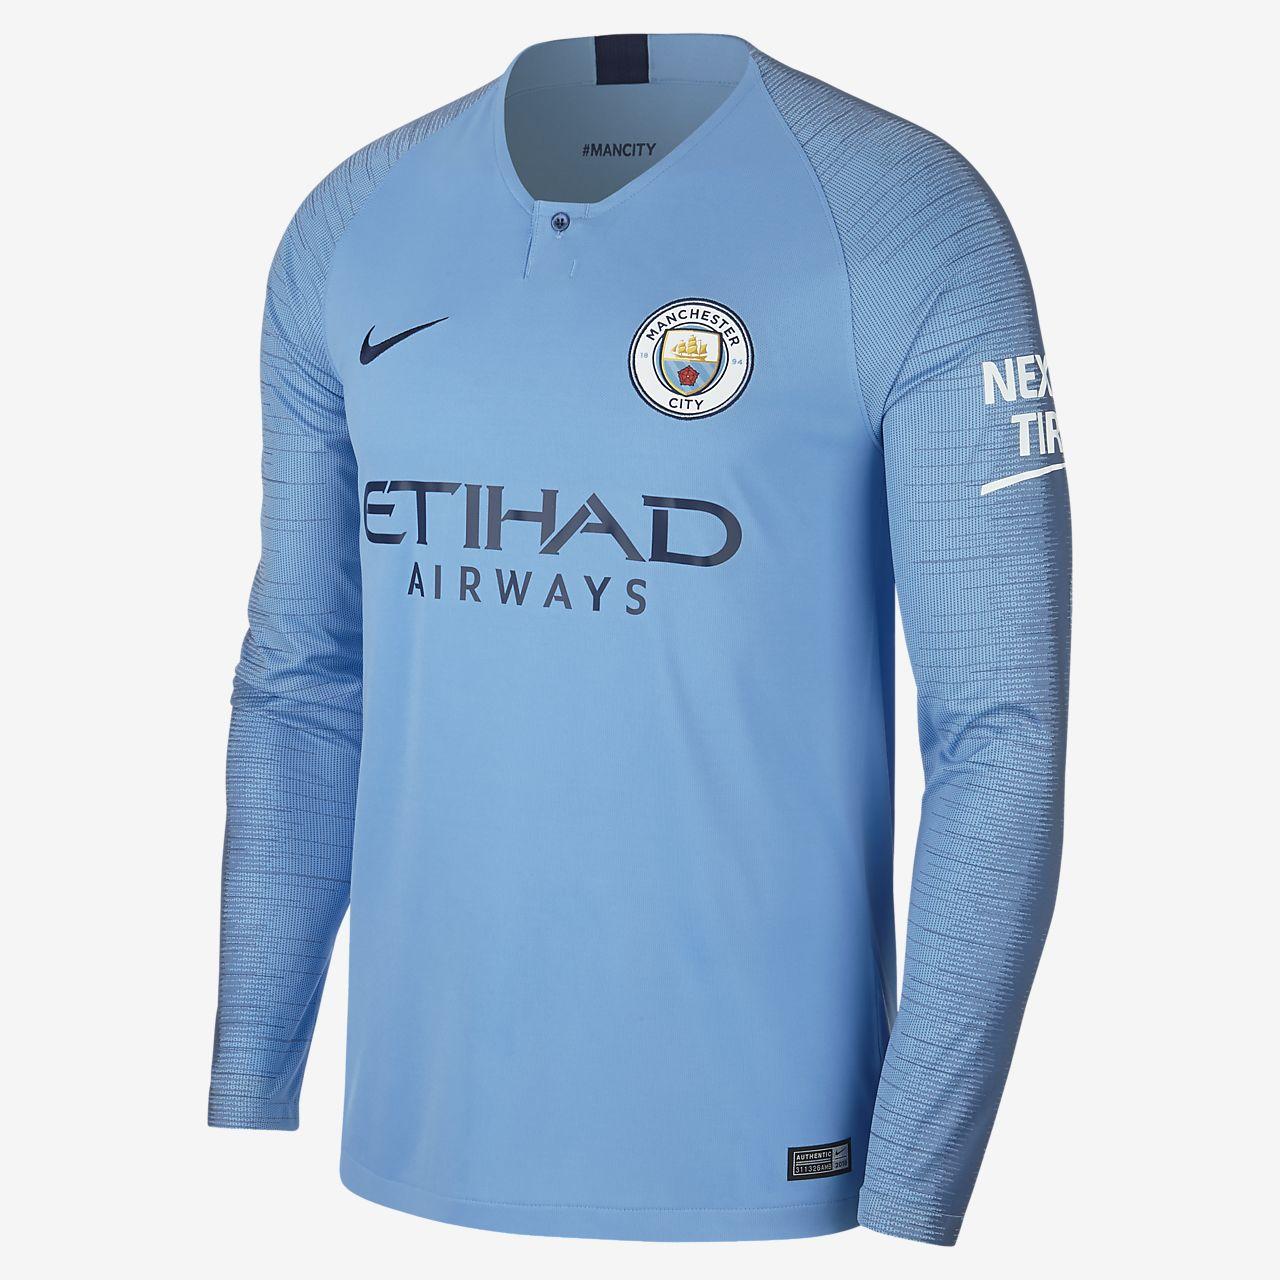 095a243da56 2018/19 Manchester City FC Stadium Home Men's Long-Sleeve Football ...